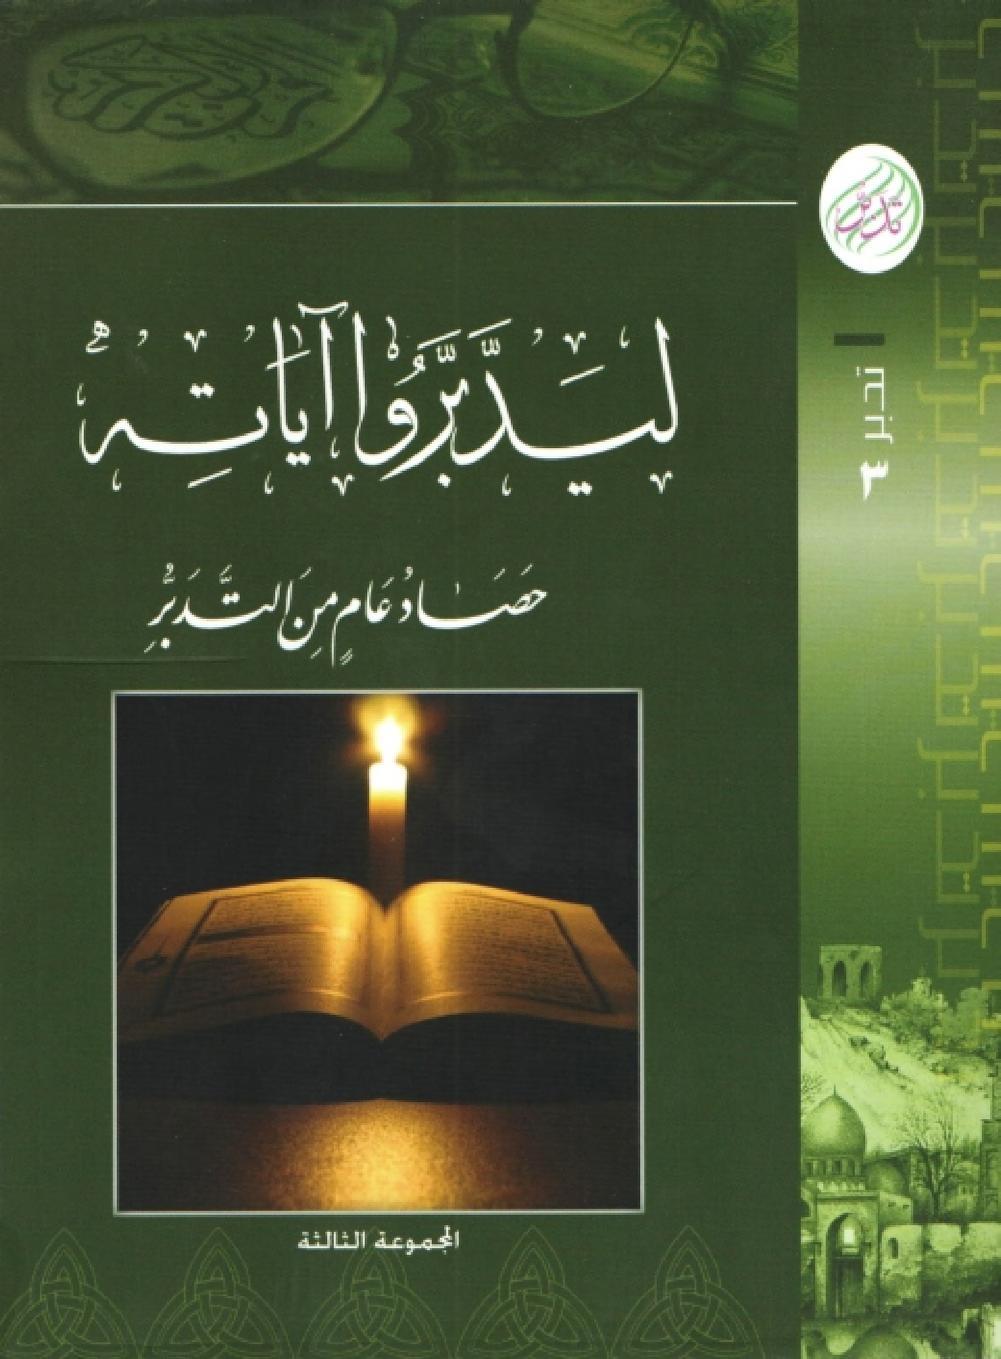 كتاب ليدبروا آياته وورد